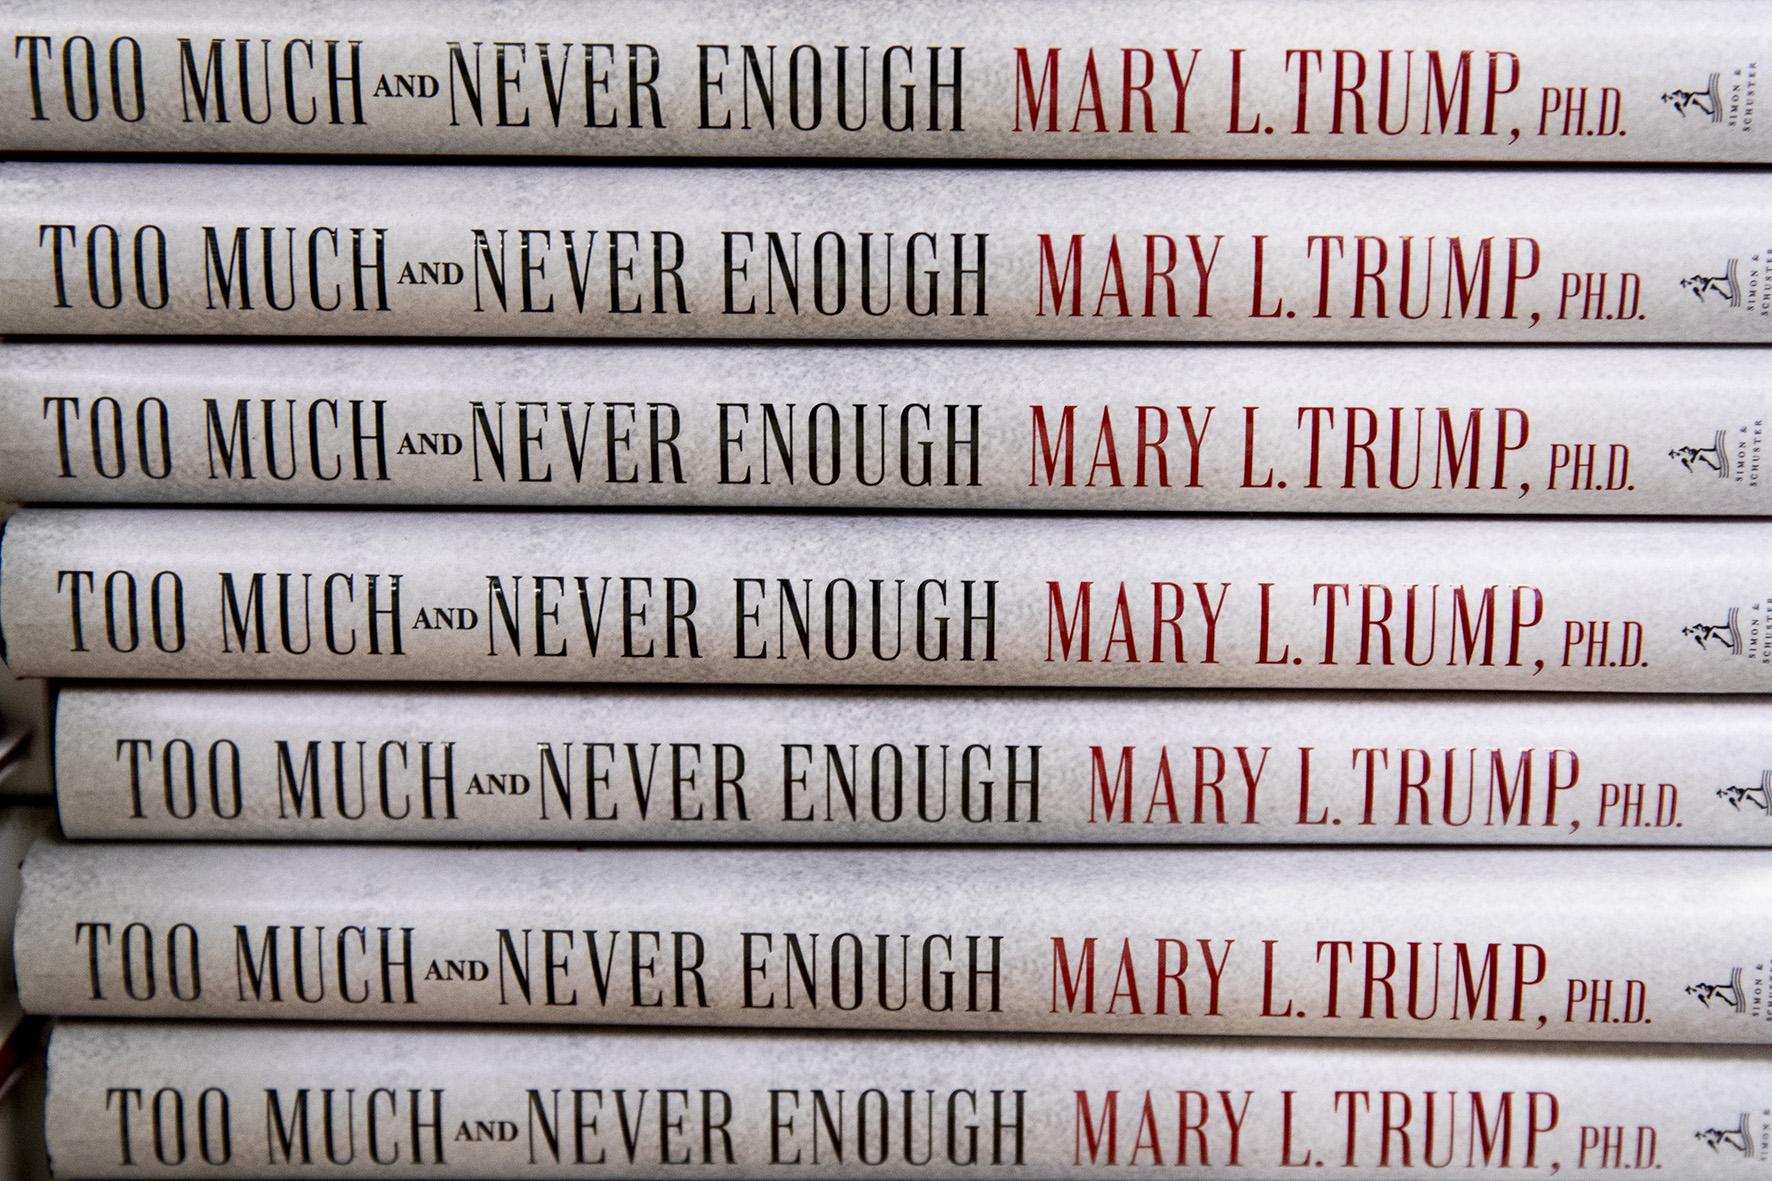 """Op deze foto zie je het boek """"Too Much and Never Enough: How My Family Created the World's Most Dangerous Man' by Mary Trump"""" van de nicht van presidetn Trump."""